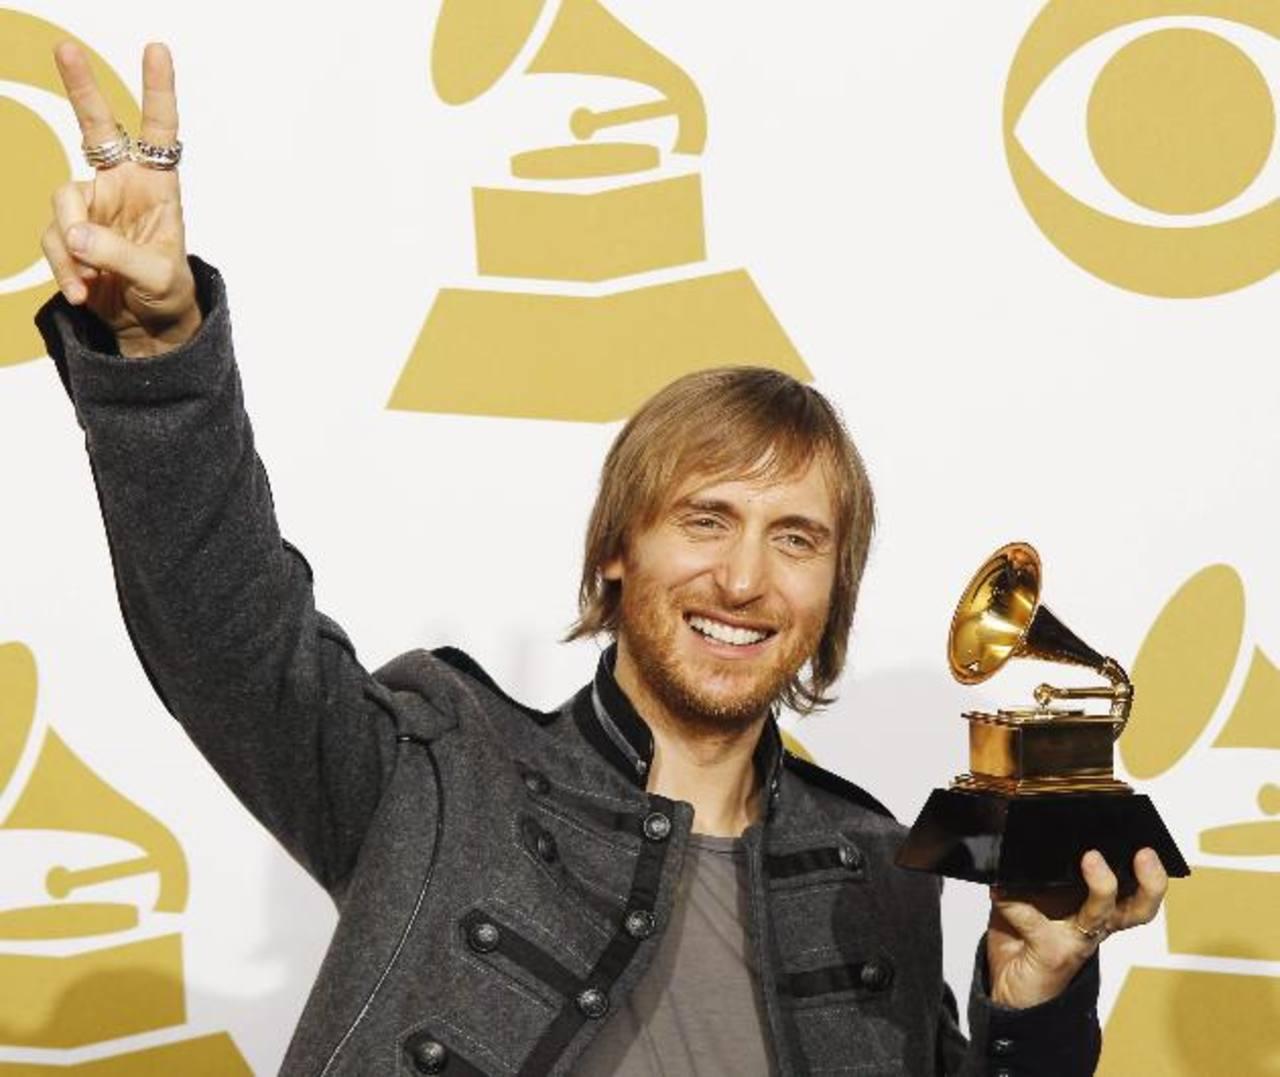 Michel ha llevado en alto el nombre de Brasil. Su último disco suena con fuerza en las emisoras.El DJ francés y el Grammy que se adjudicó en 2010.